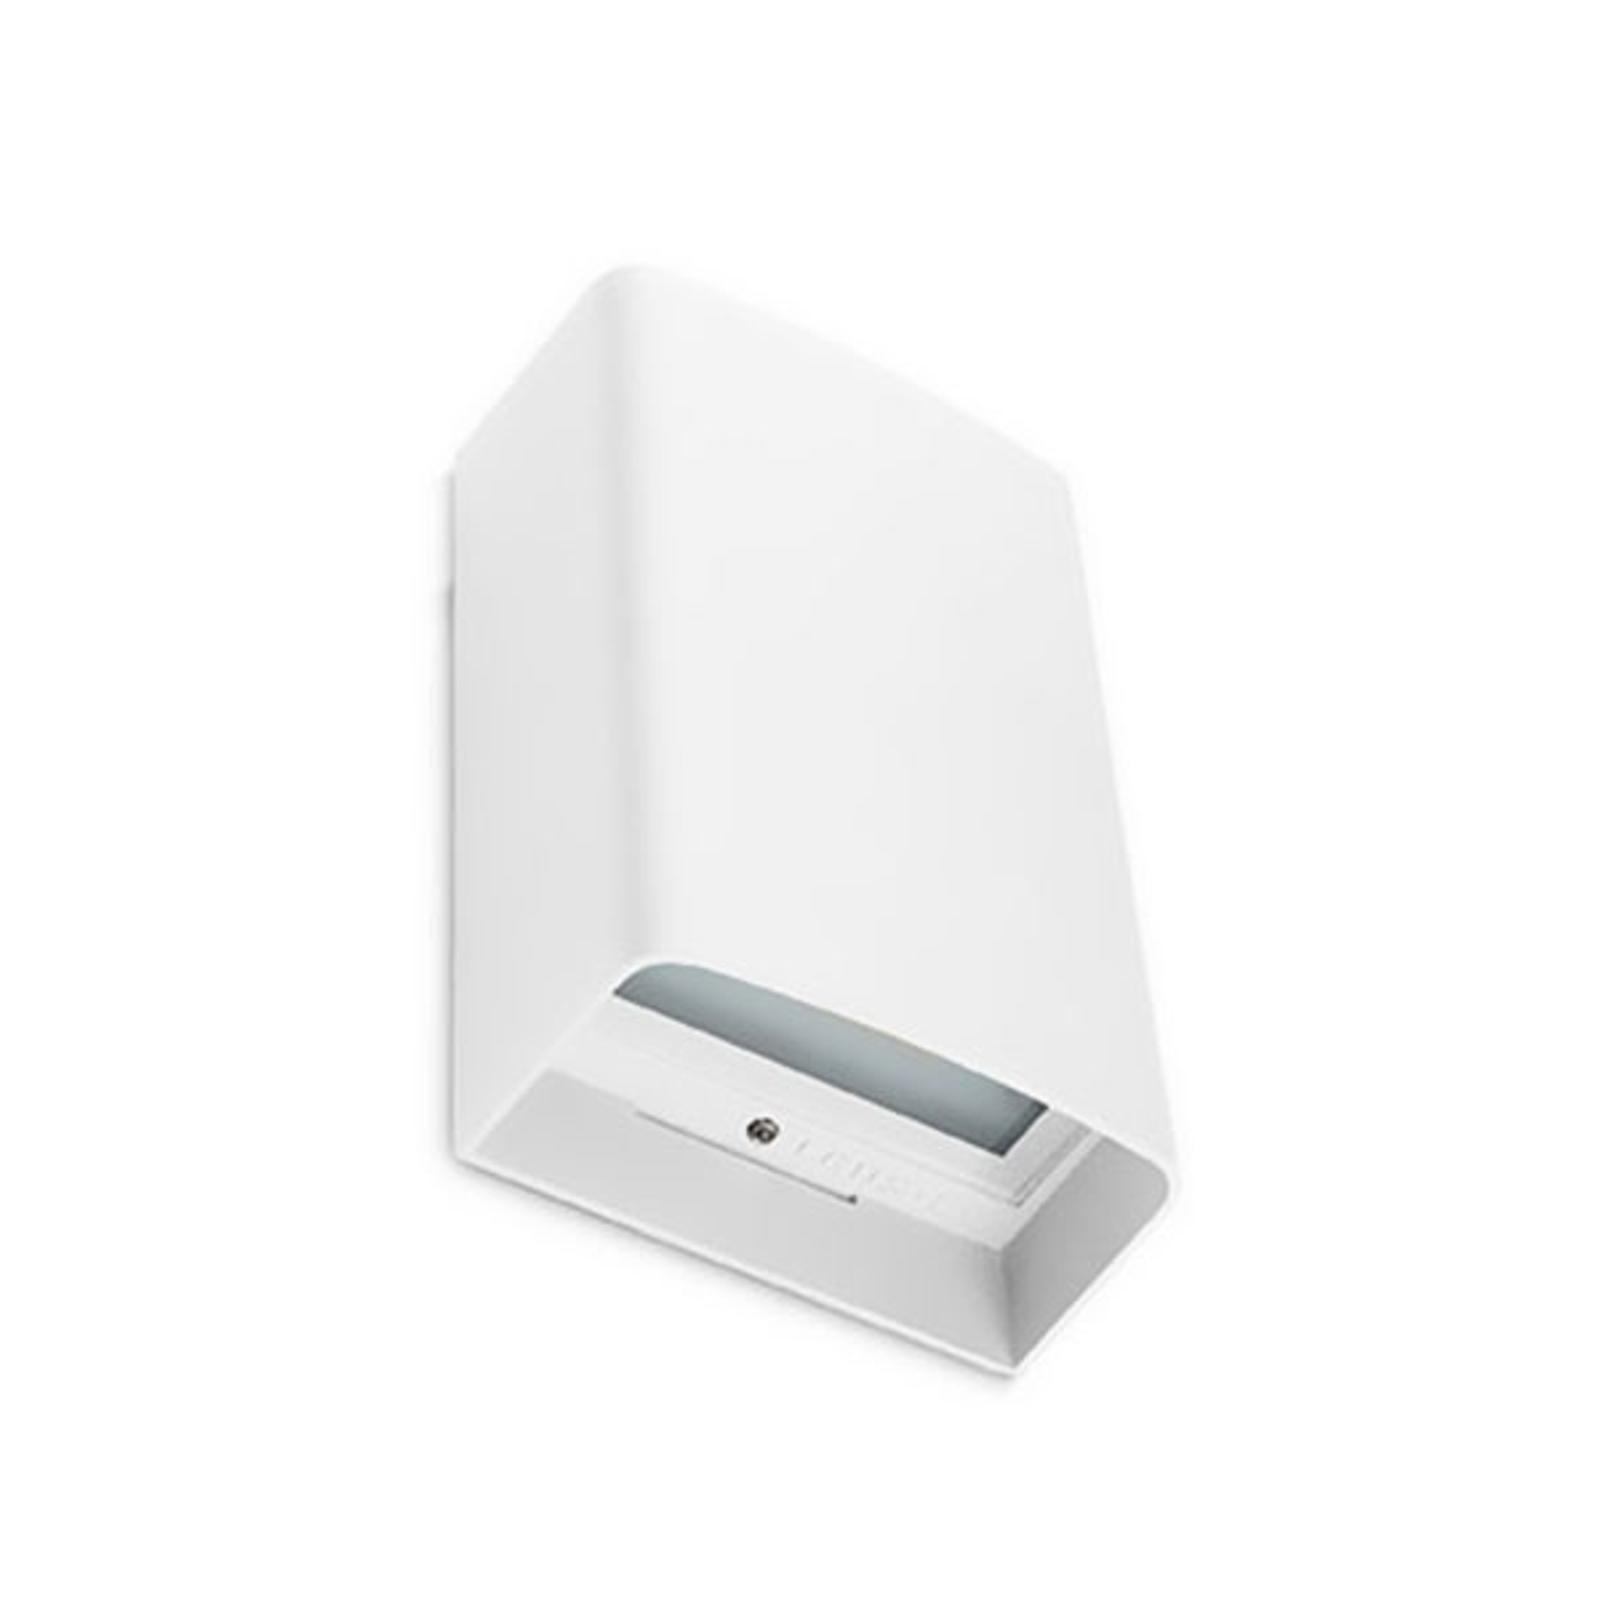 LEDS-C4 Clous LED-Außenwandleuchte, IP65